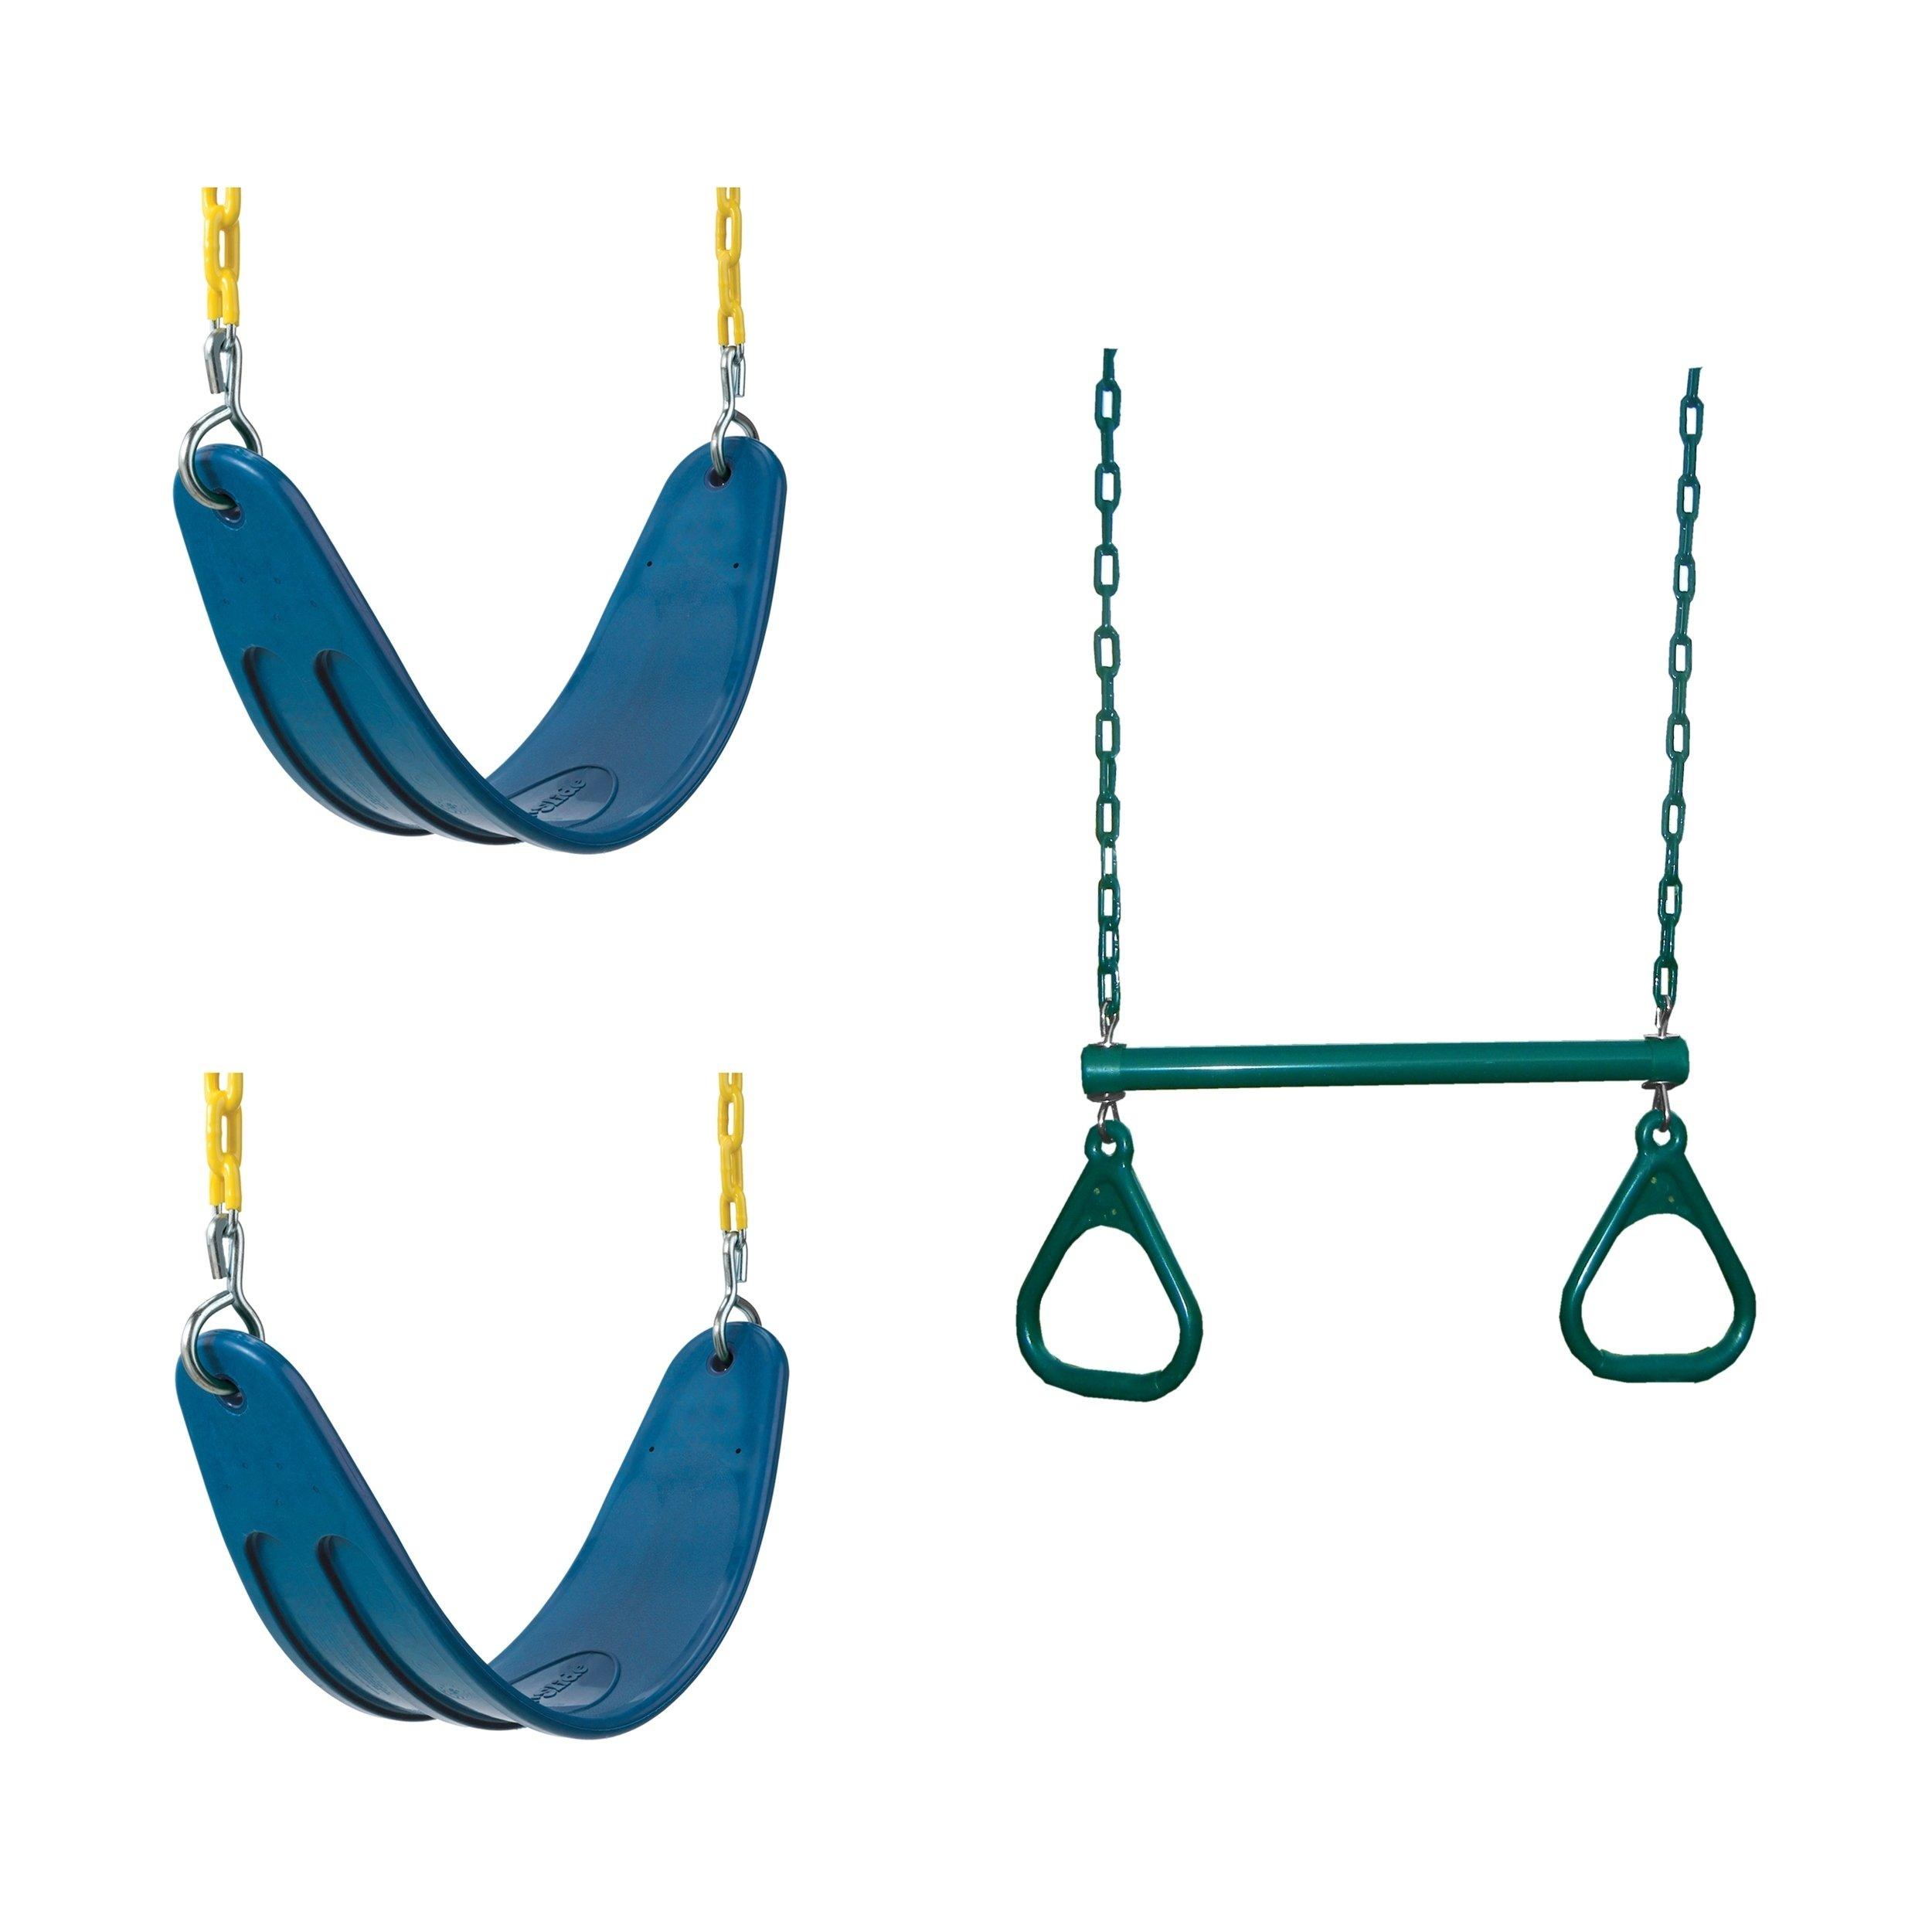 Swing N Slide 2 Blue Extreme Duty Swing Seats With Chains Throughout Swing Seats With Chains (View 2 of 25)